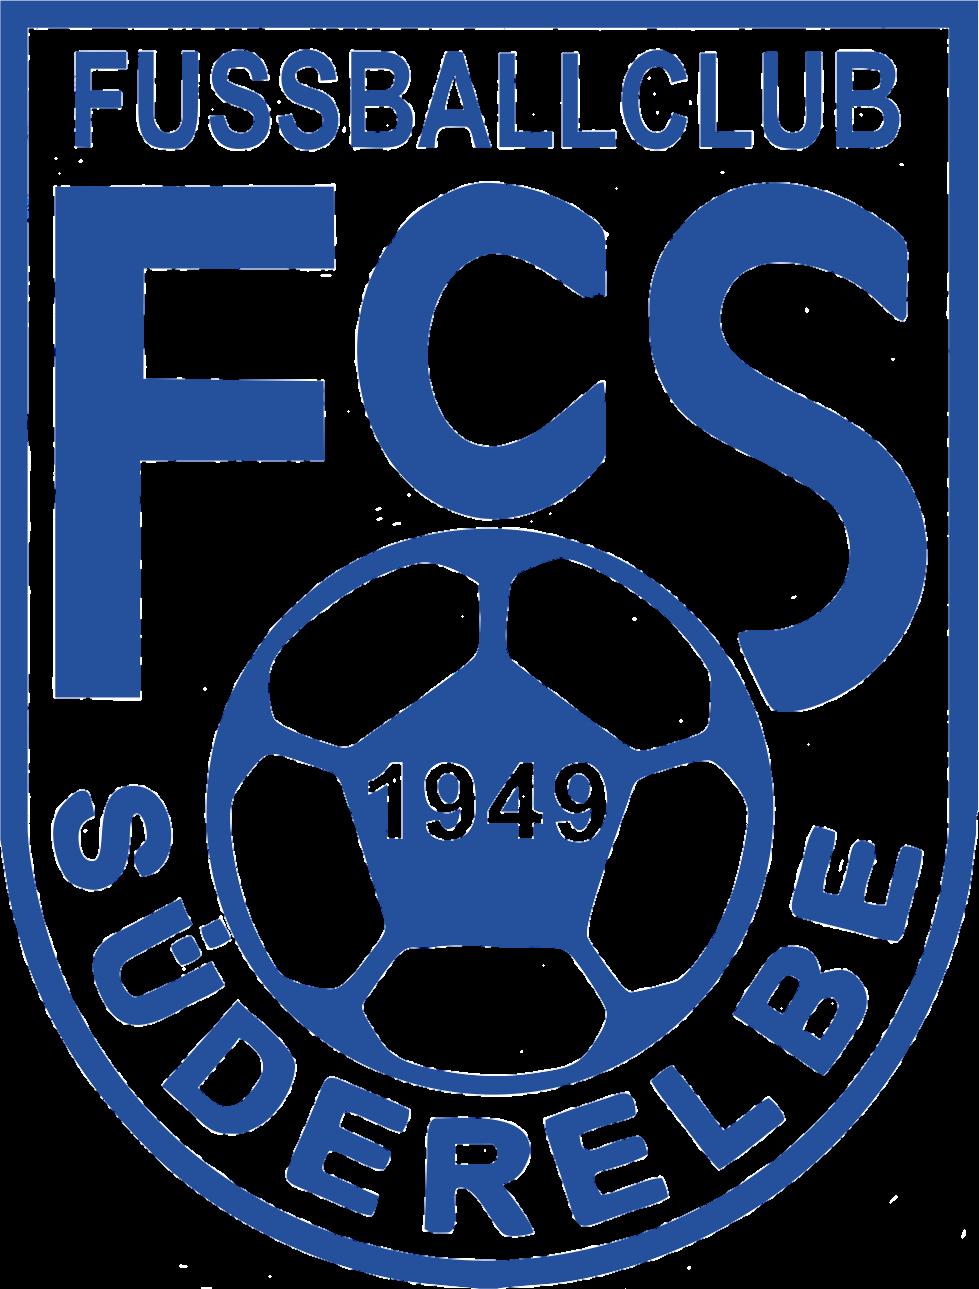 Suderelbe logo